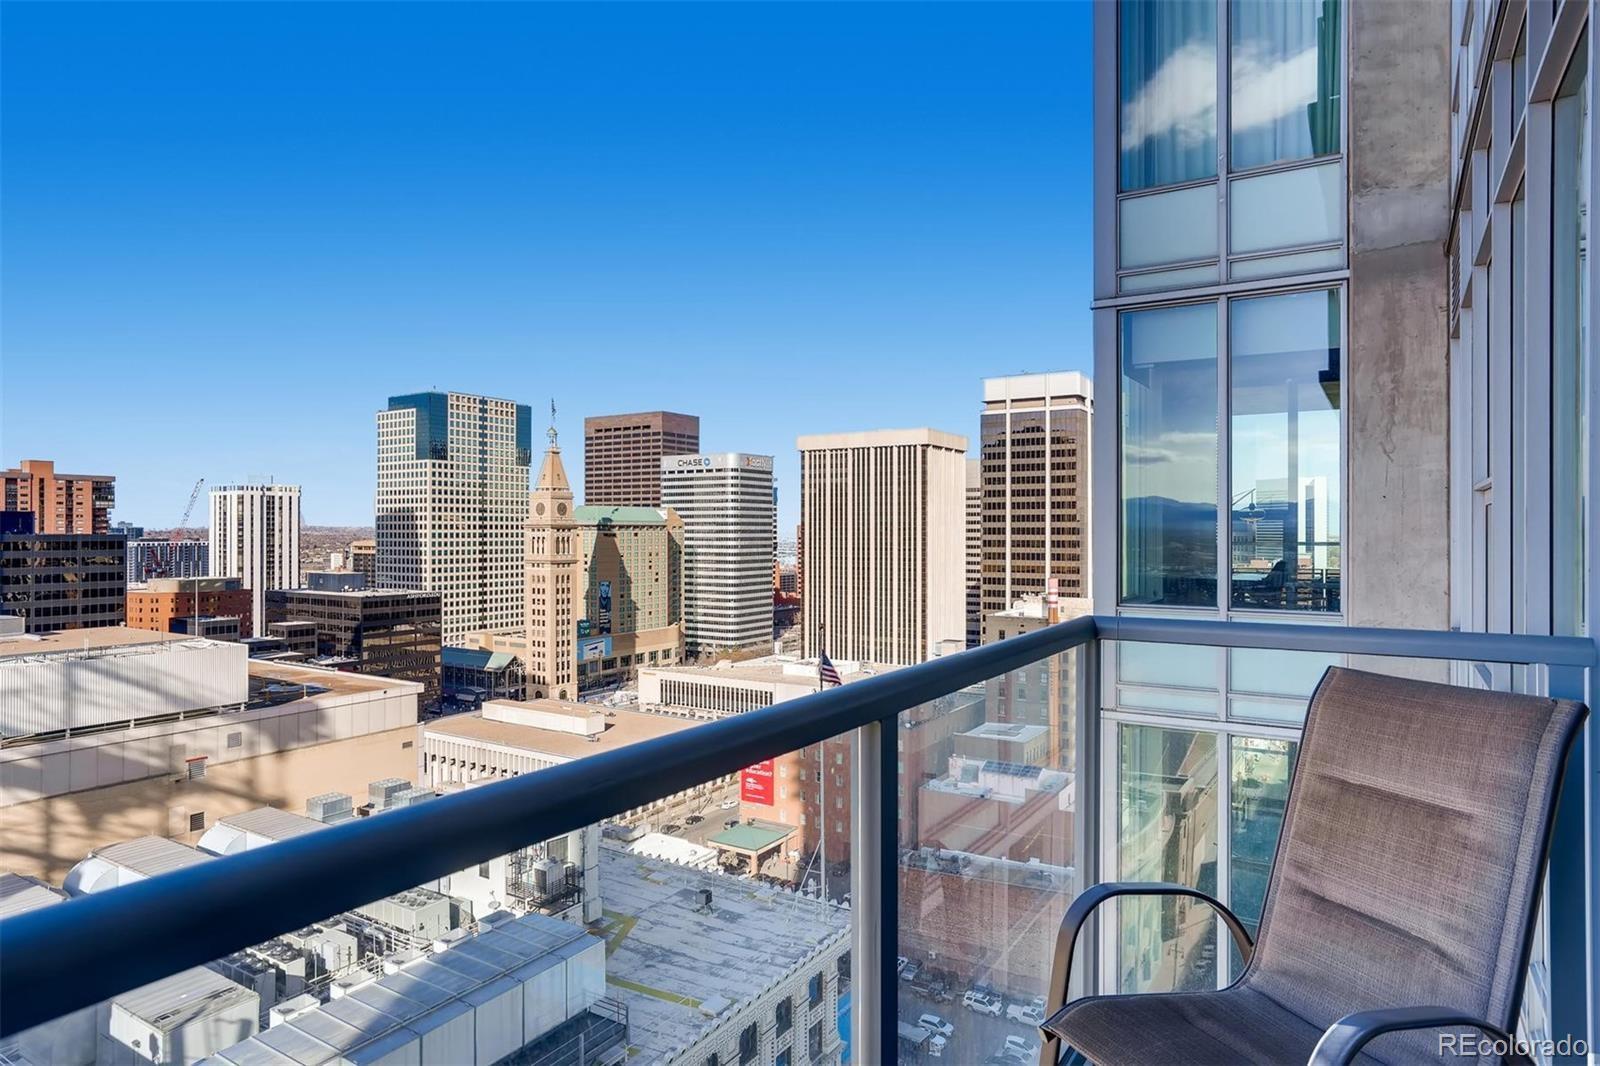 MLS# 9392408 - 11 - 891 14th Street #2107, Denver, CO 80202